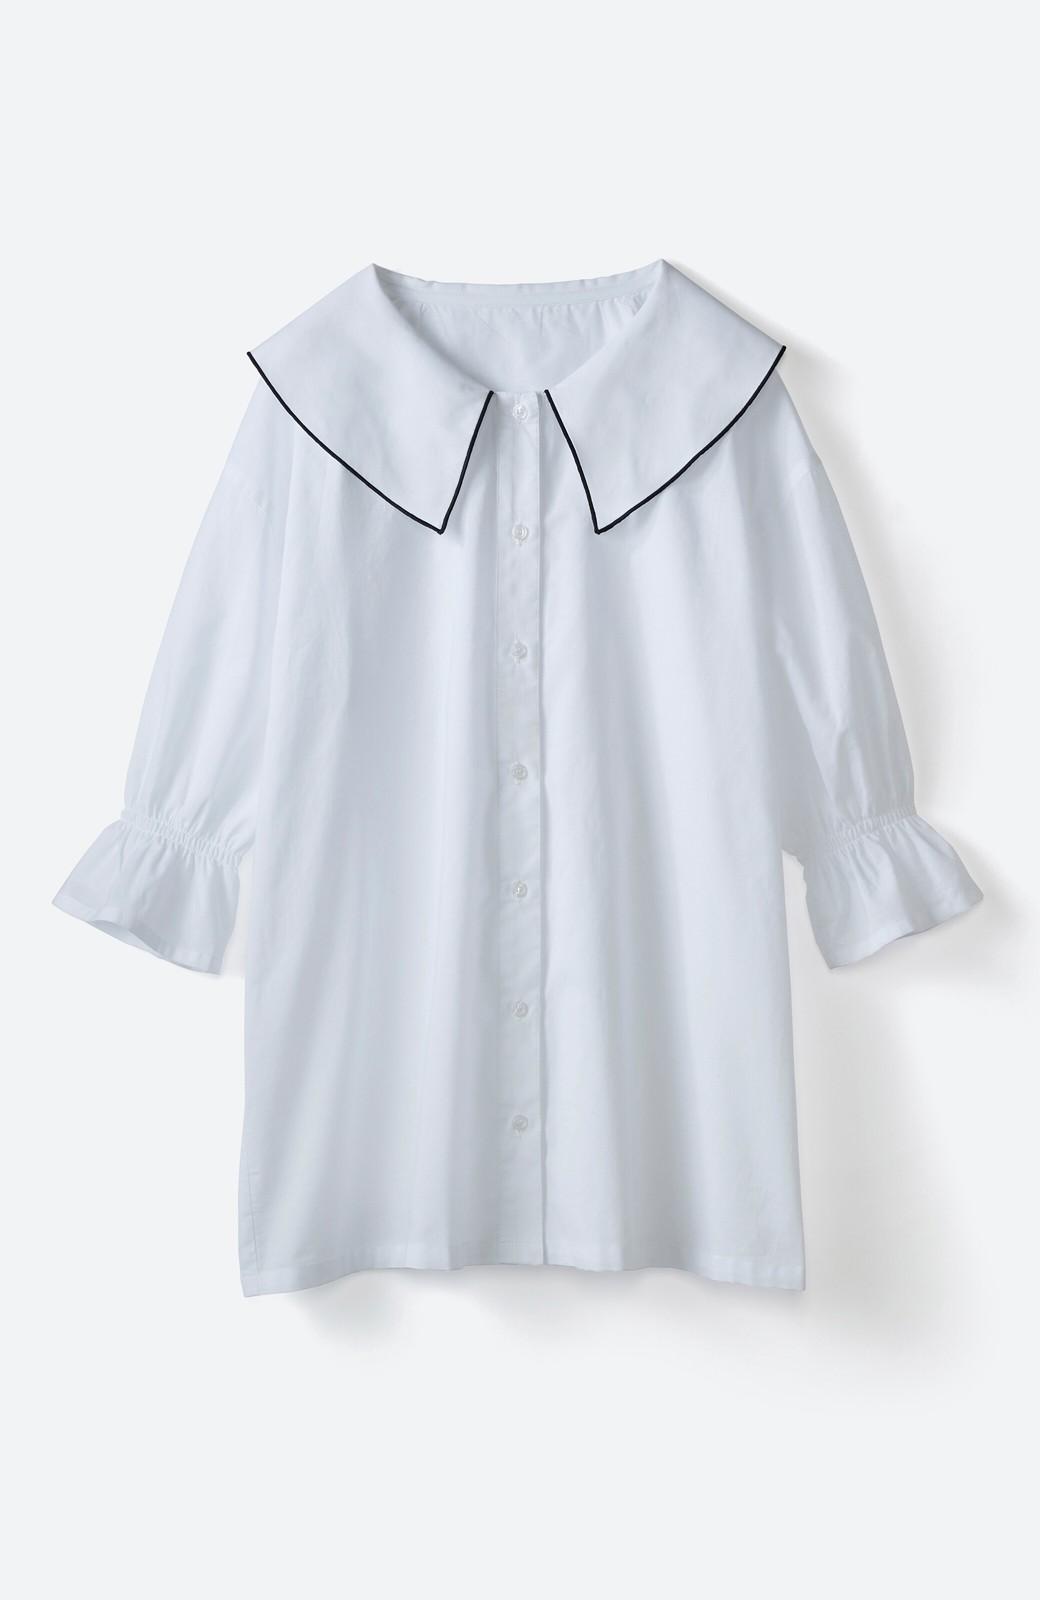 haco! (φ)甘さ控えめで照れずに着られる 今っぽおしゃれなビッグカラーブラウス <ホワイト>の商品写真5